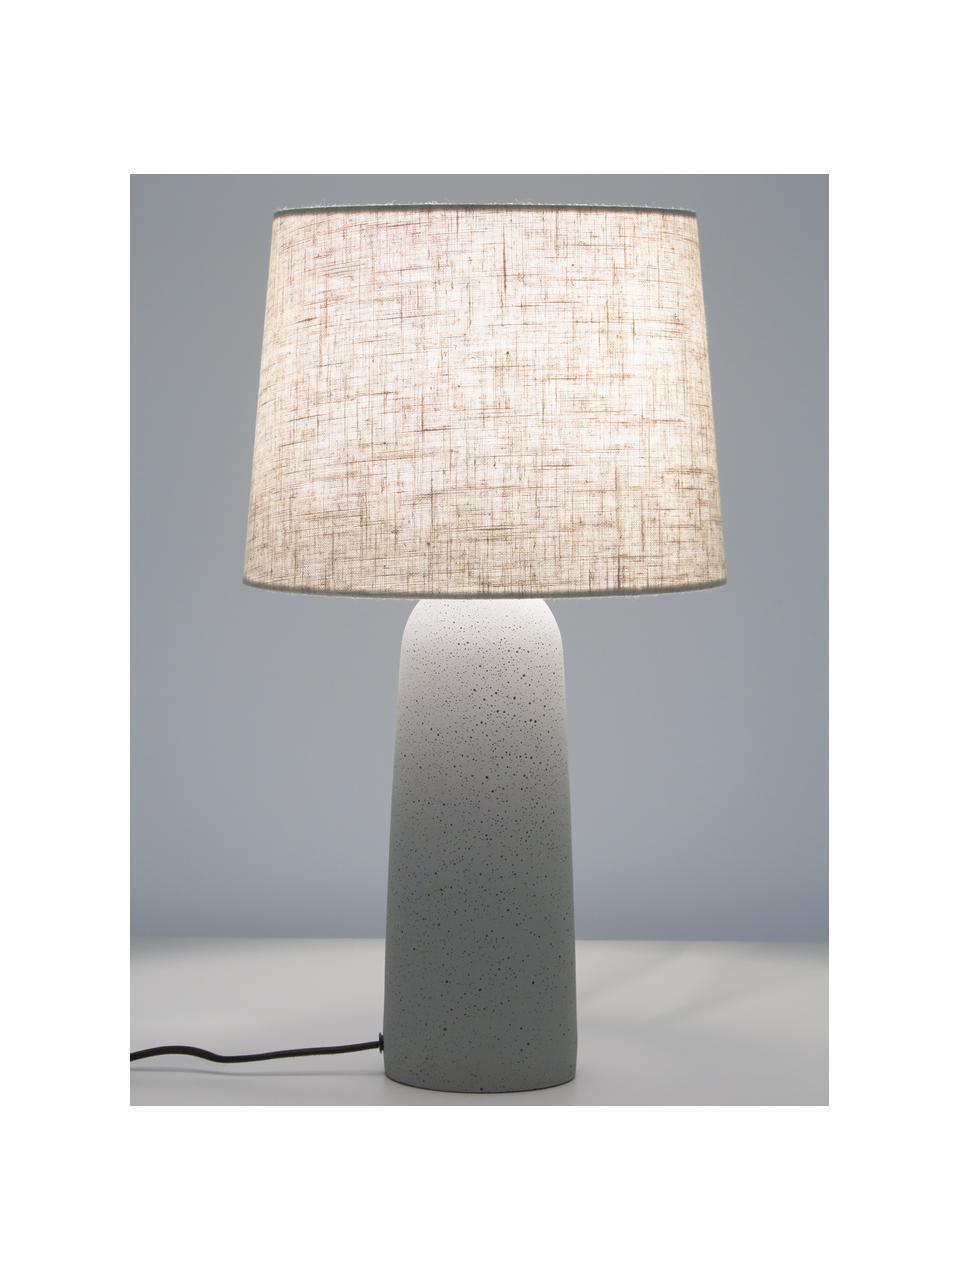 Große Tischlampe Kaya mit Betonfuß, Lampenschirm: 70% Baumwolle, 30% Leinen, Lampenfuß: Beton, Beige, Ø 29 x H 52 cm